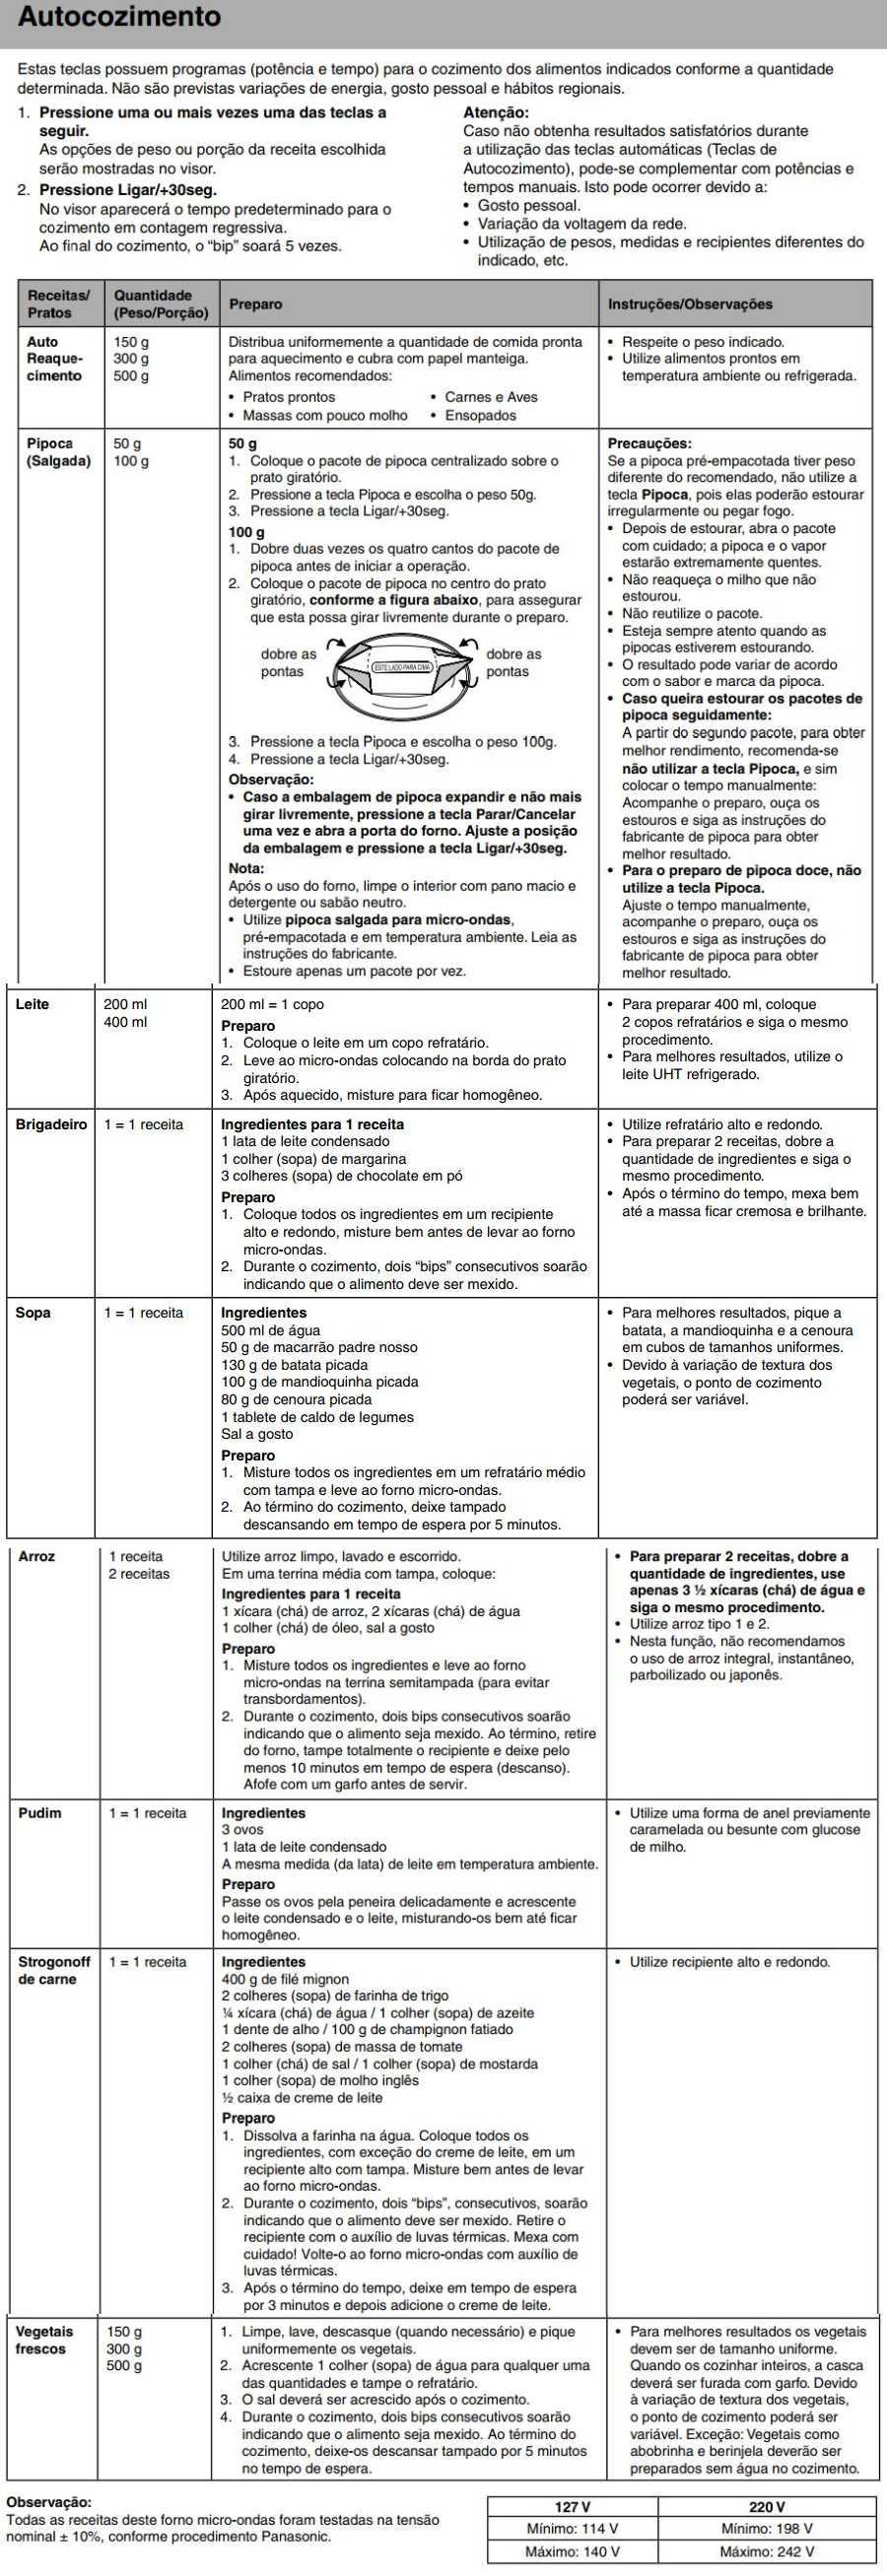 Manual de instruções do microondas Panasonic NN-ST67H - Autocozimento